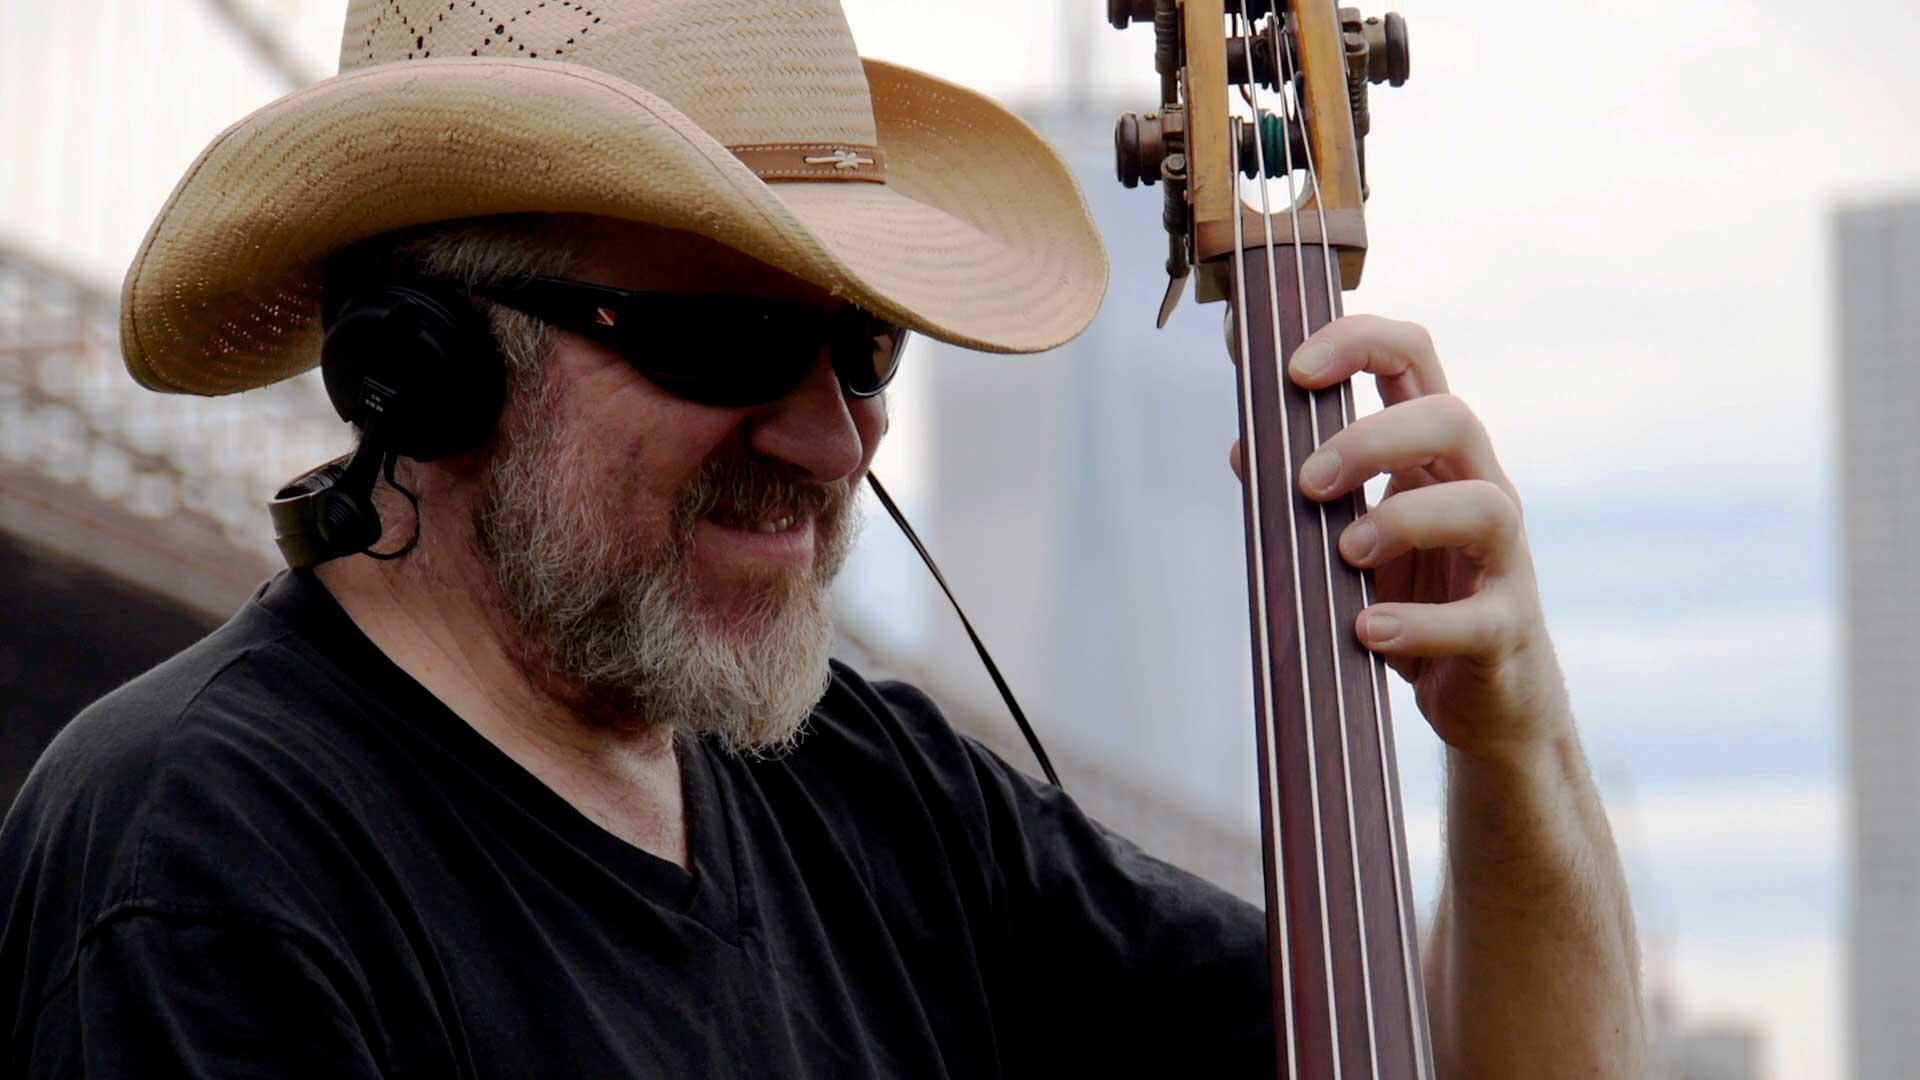 Paul Nowinski